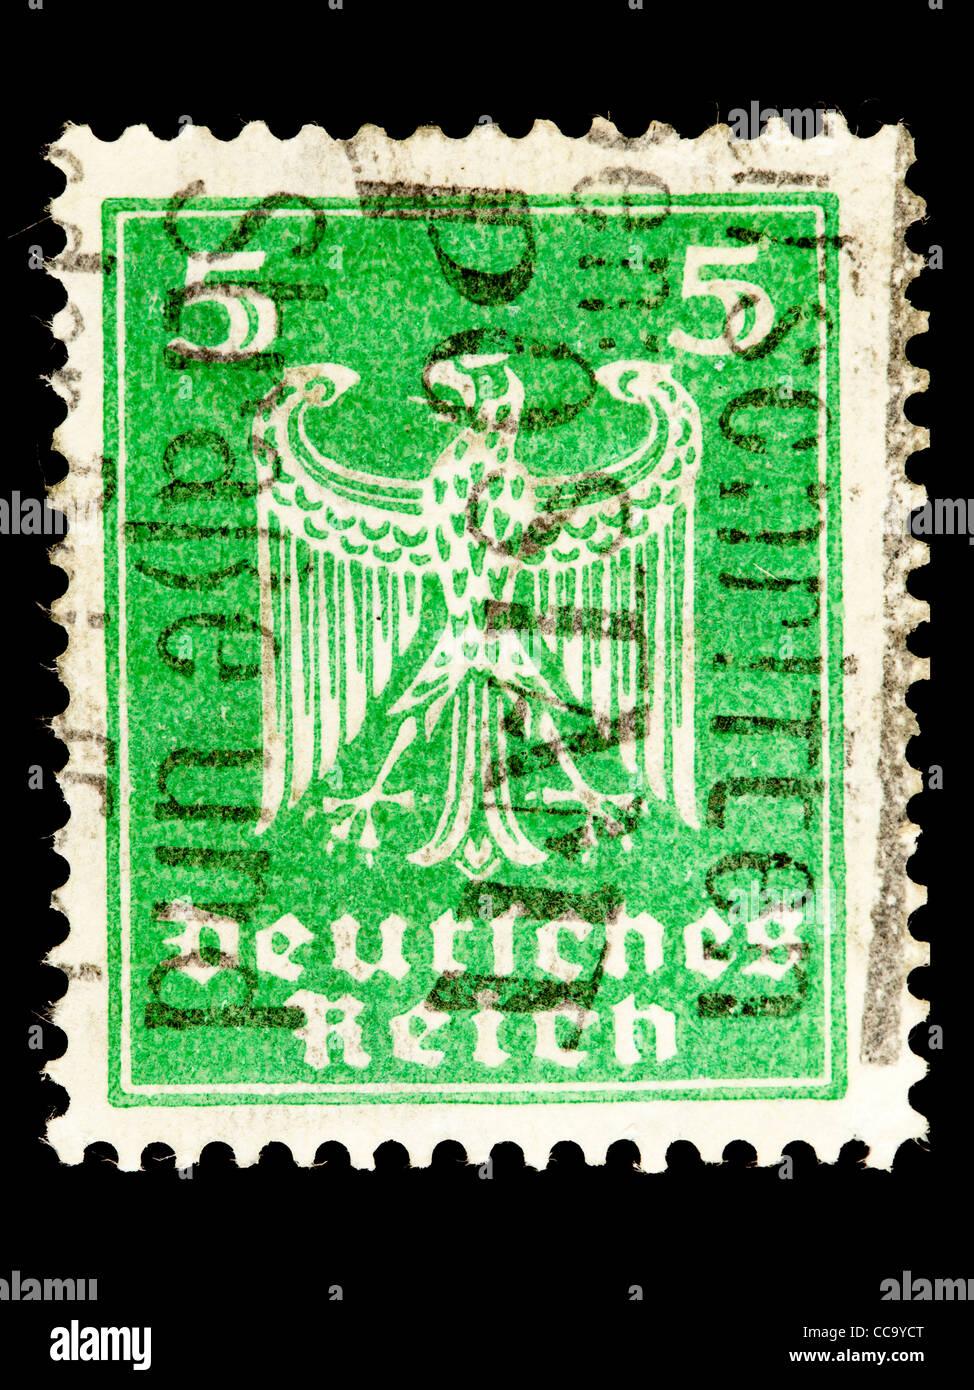 Postage Stamp German Reich Imperial Eagle 1924 5 Pfennig Stamped